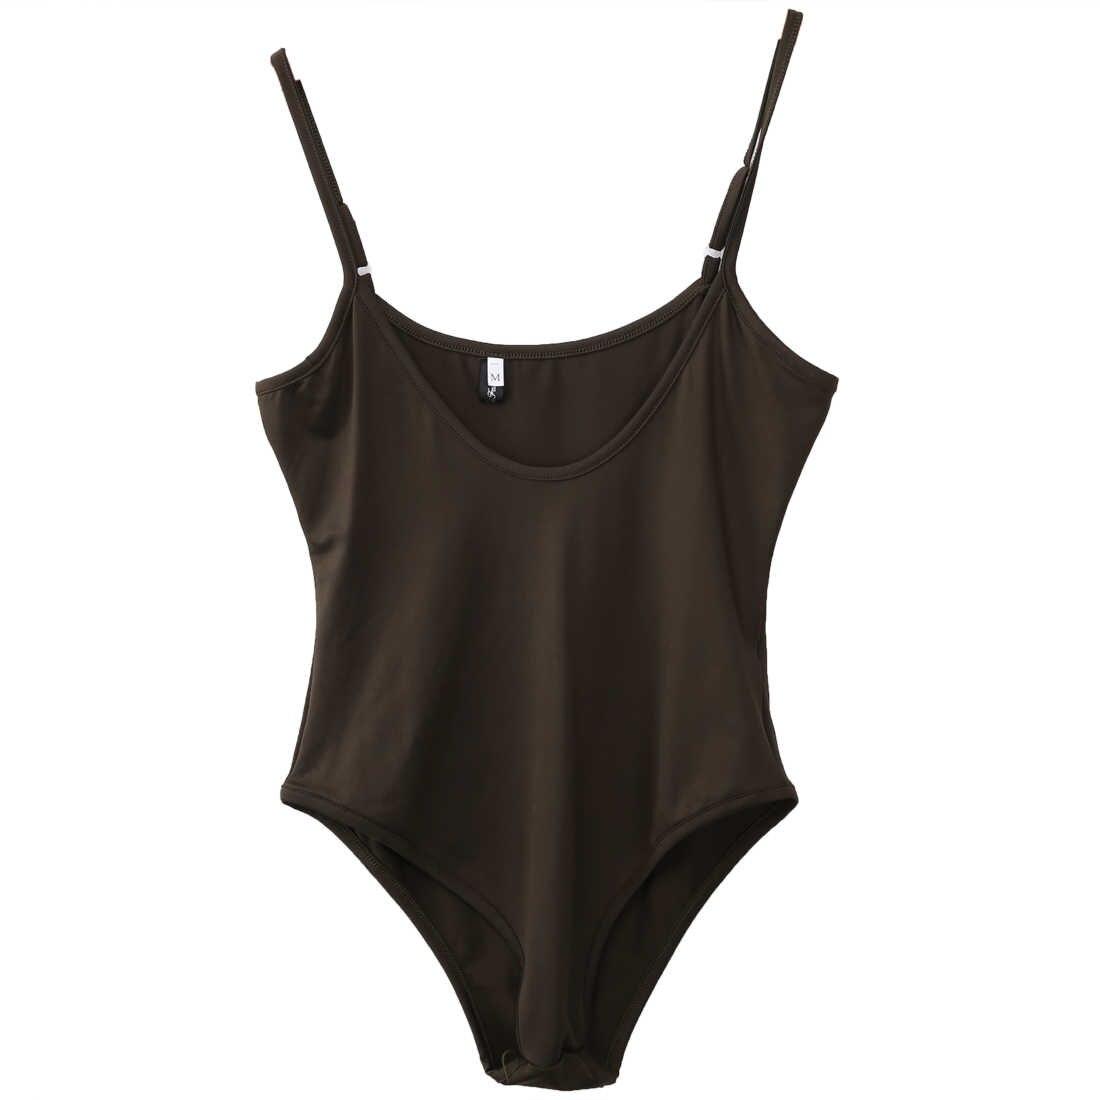 セクシーな女性vネックノースリーブボディコン包帯水着ボディスーツジャンプスーツスリム固体水着